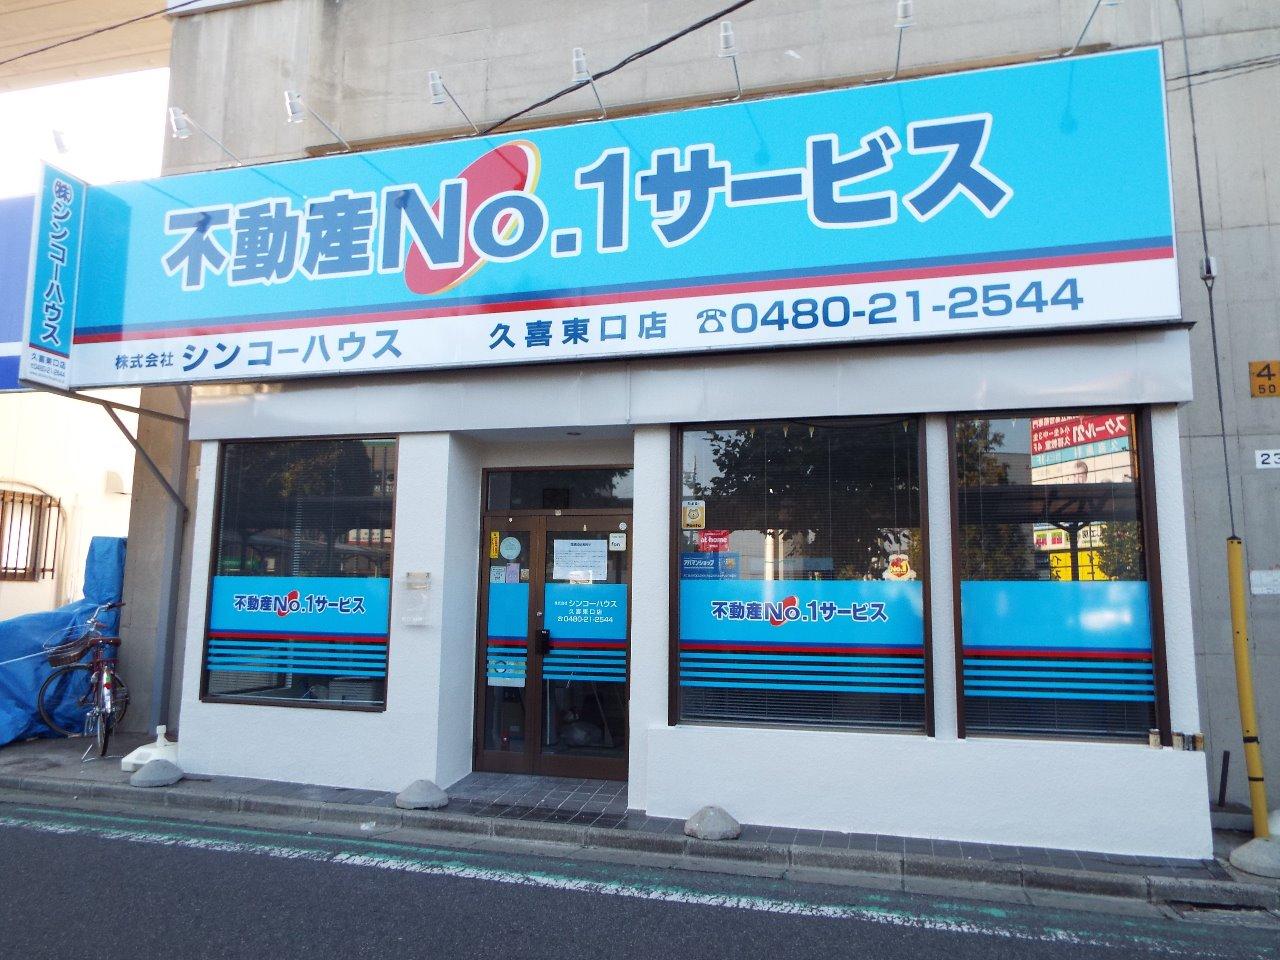 ■アパマンショップ久喜東口店閉店及びリニューアルオープンのお知らせ